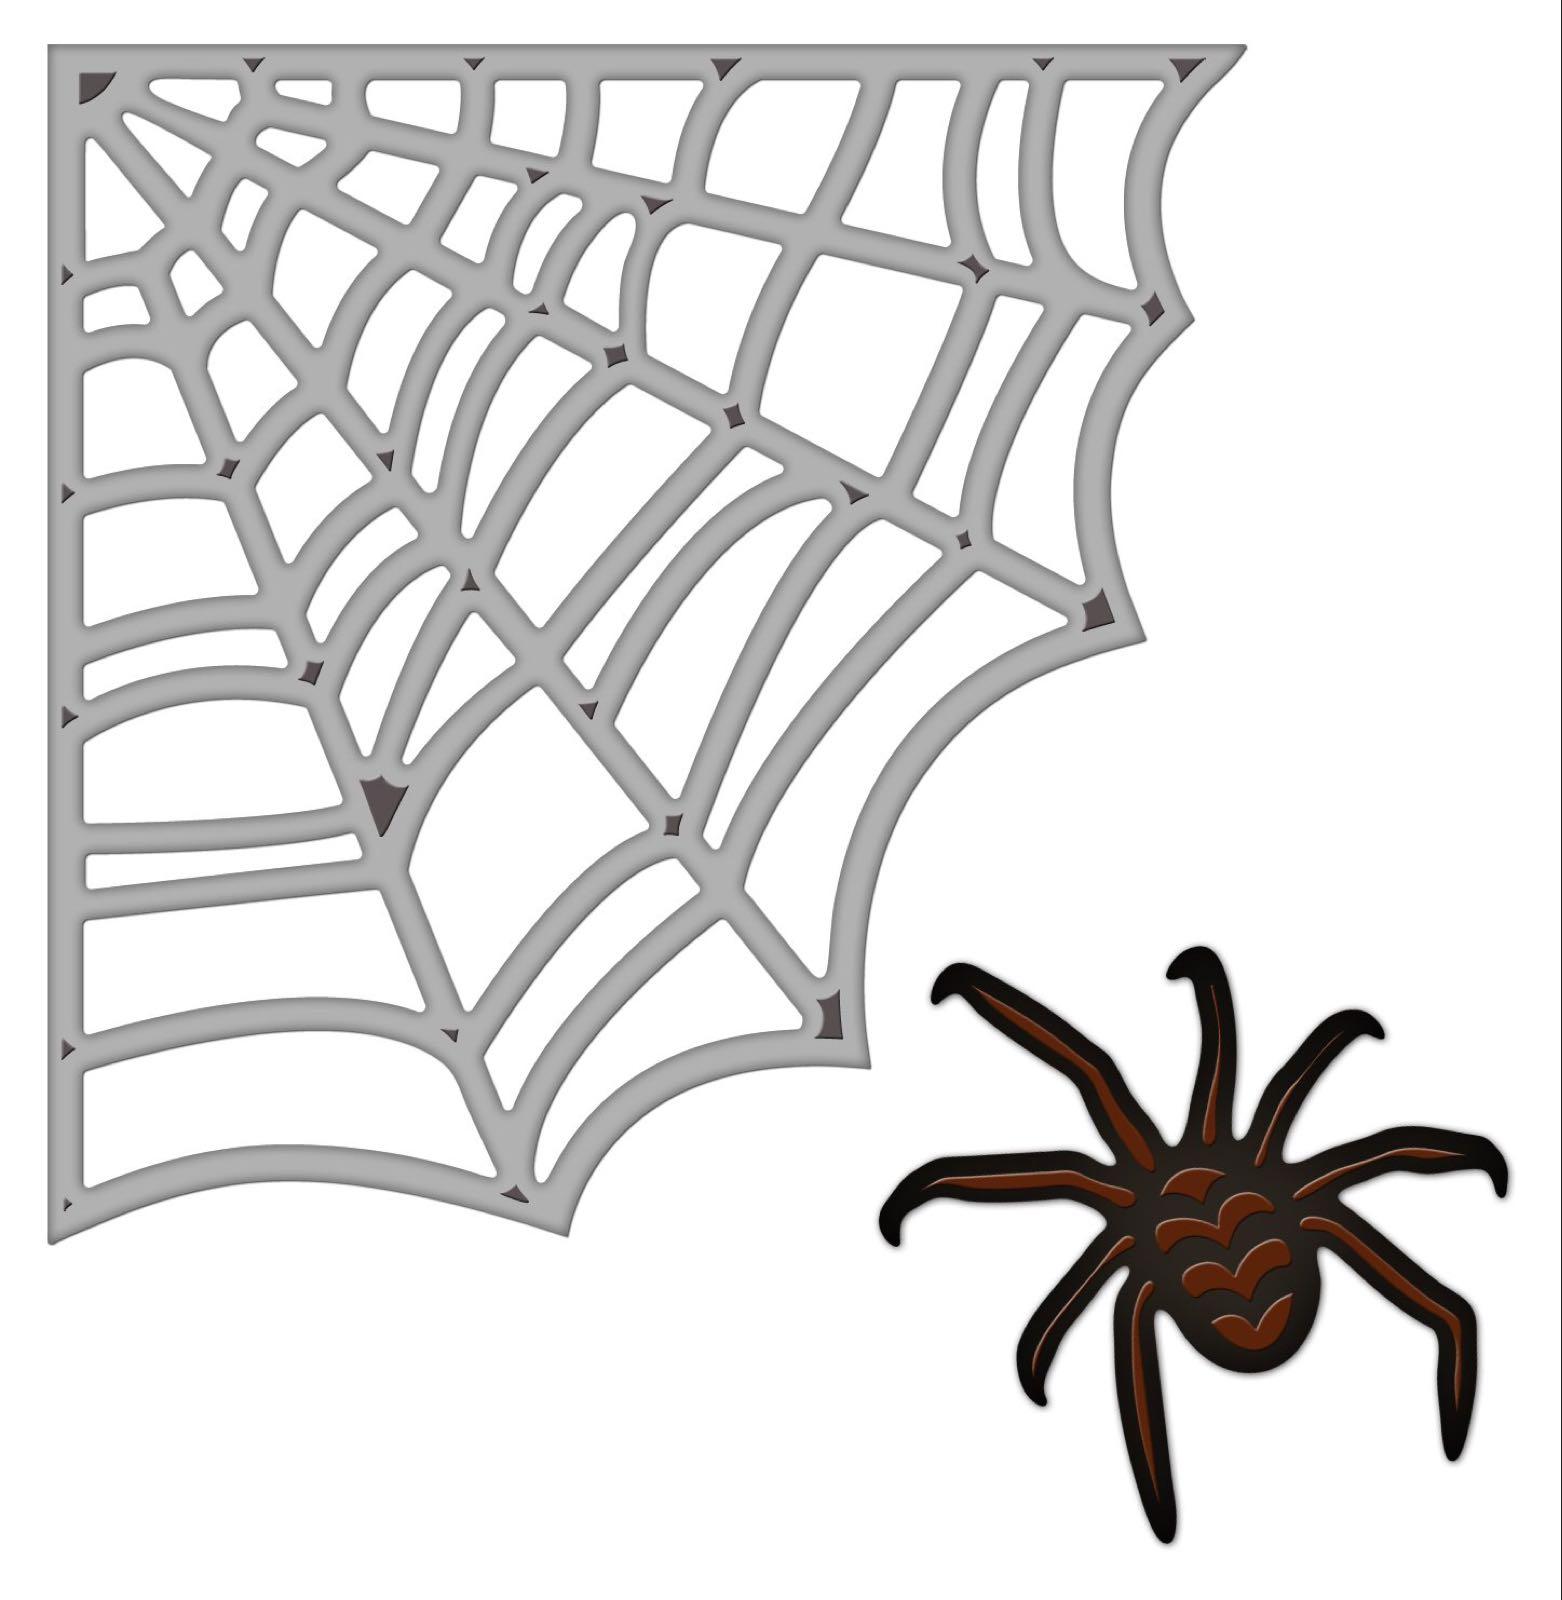 Spellbinders spider web